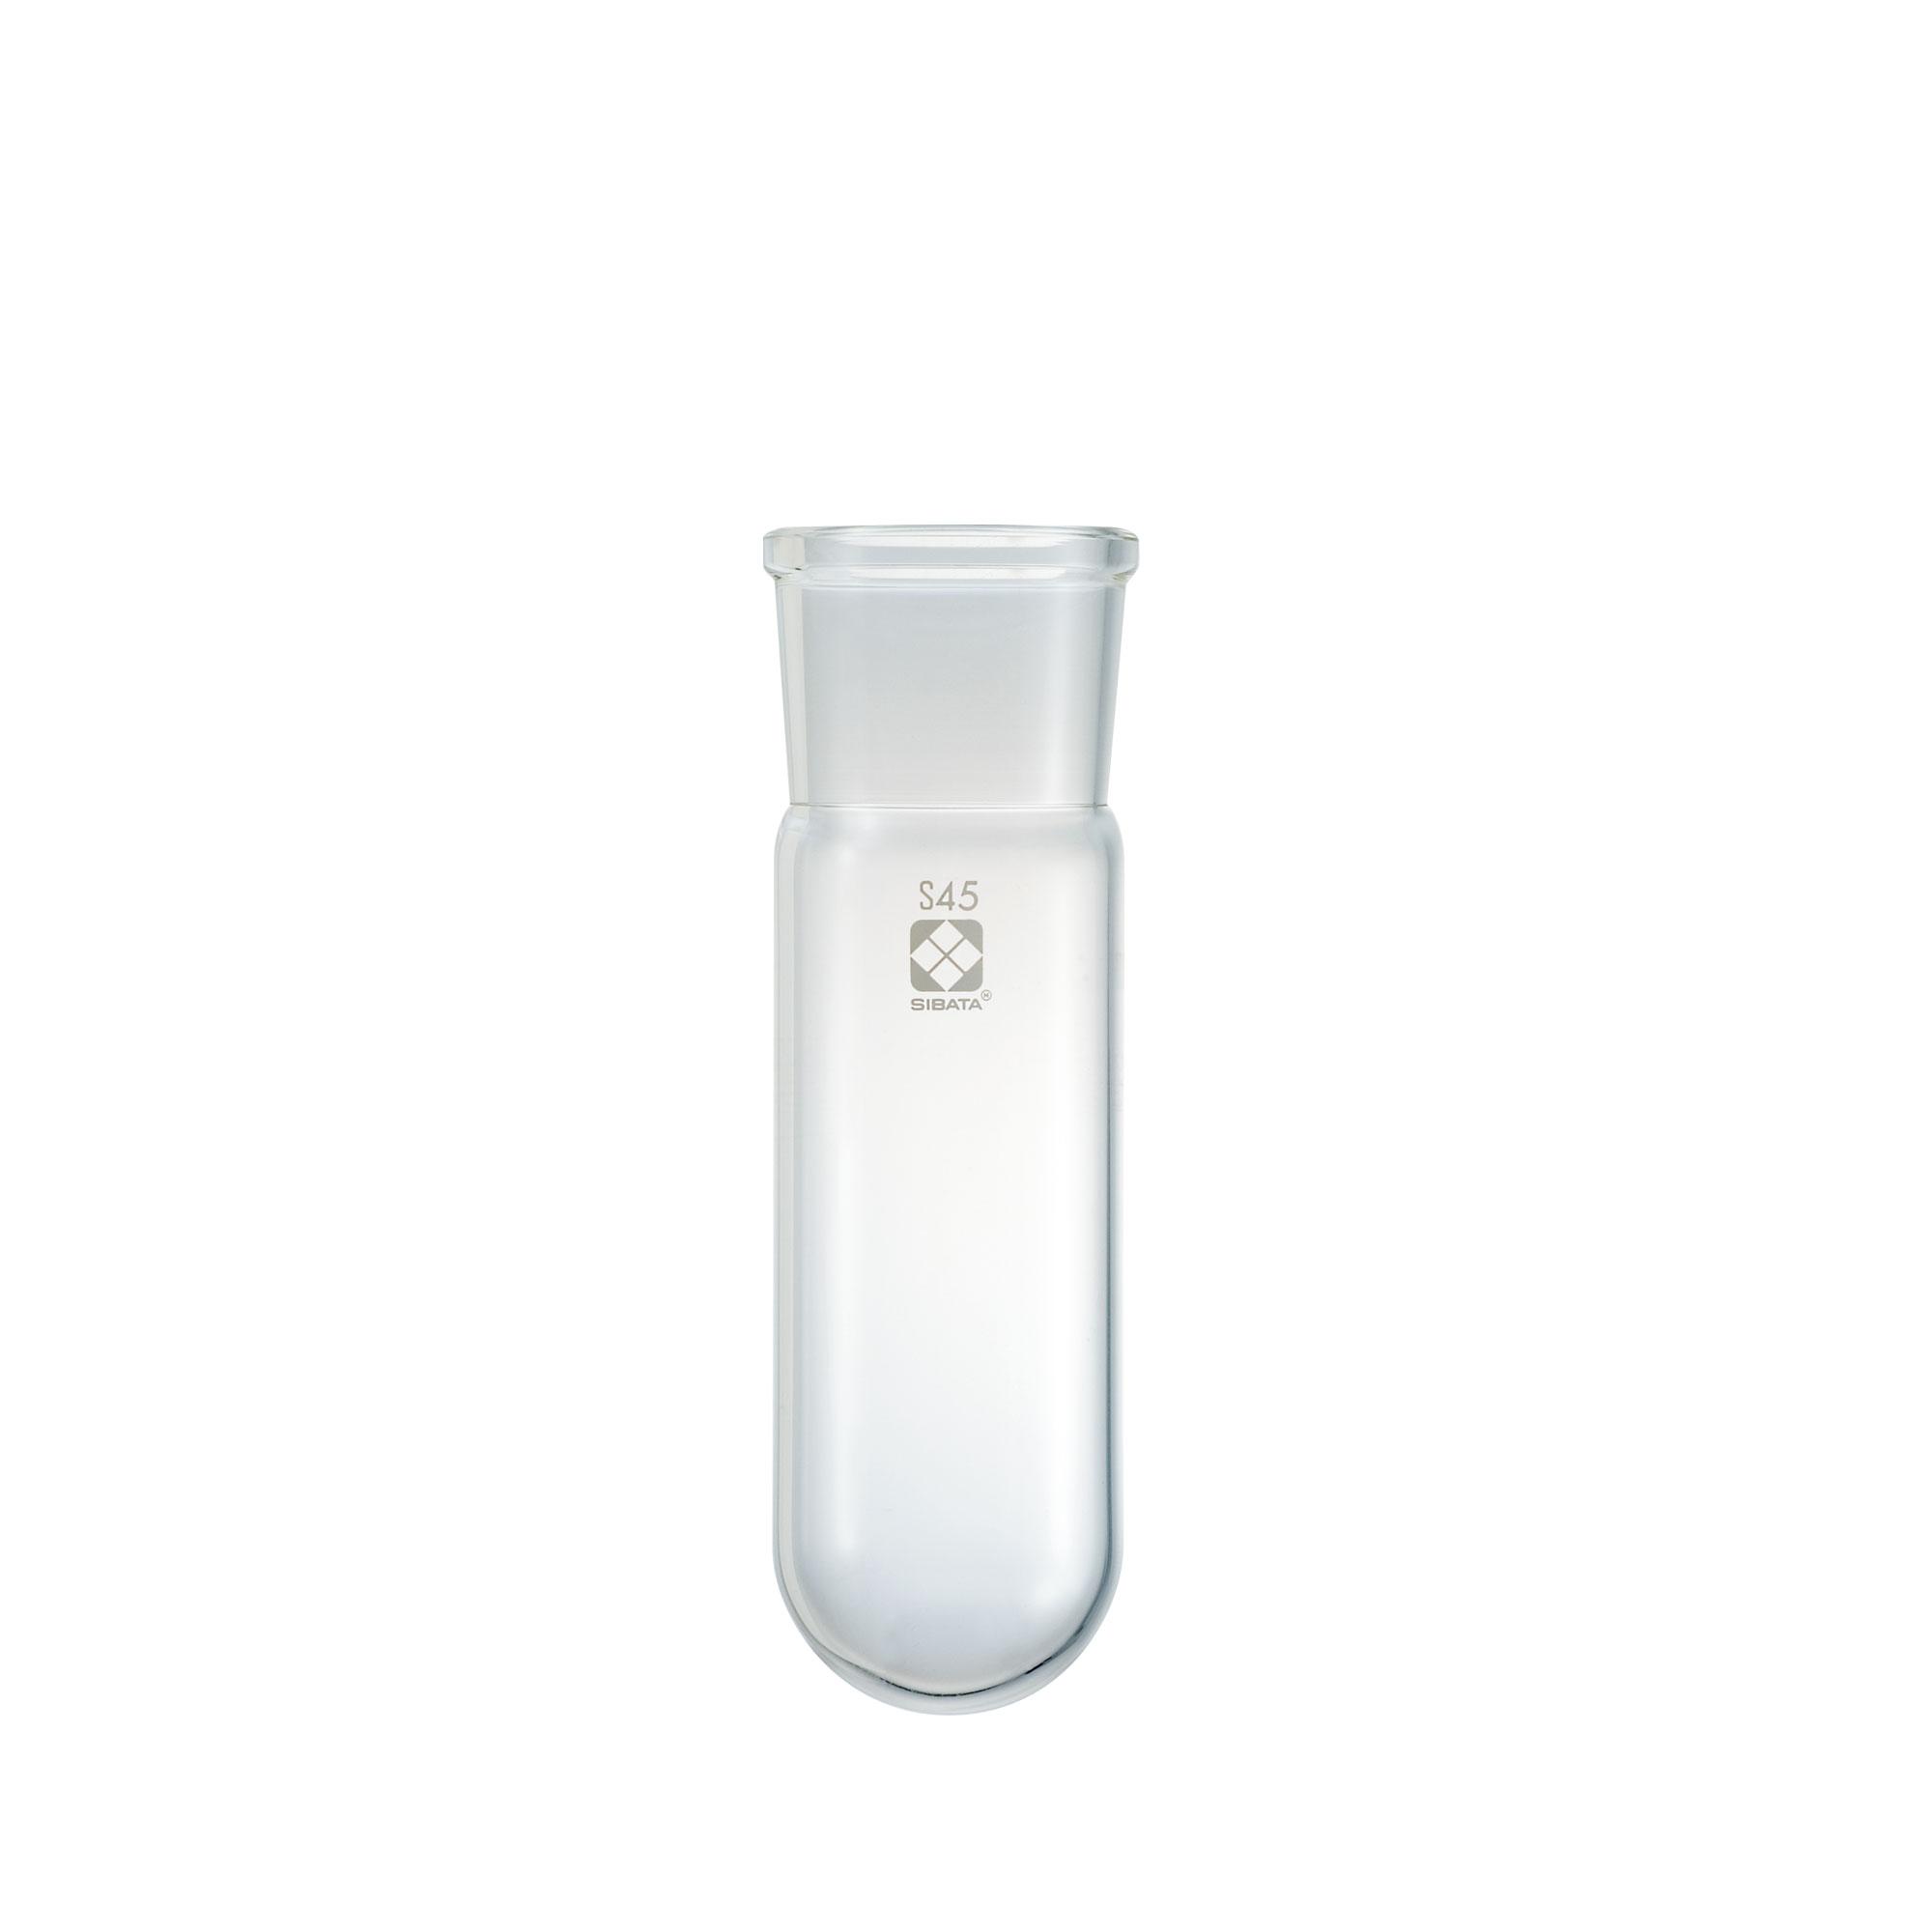 031220-200 SPC受器 PCB還流装置用 200mL 柴田科学(SIBATA)